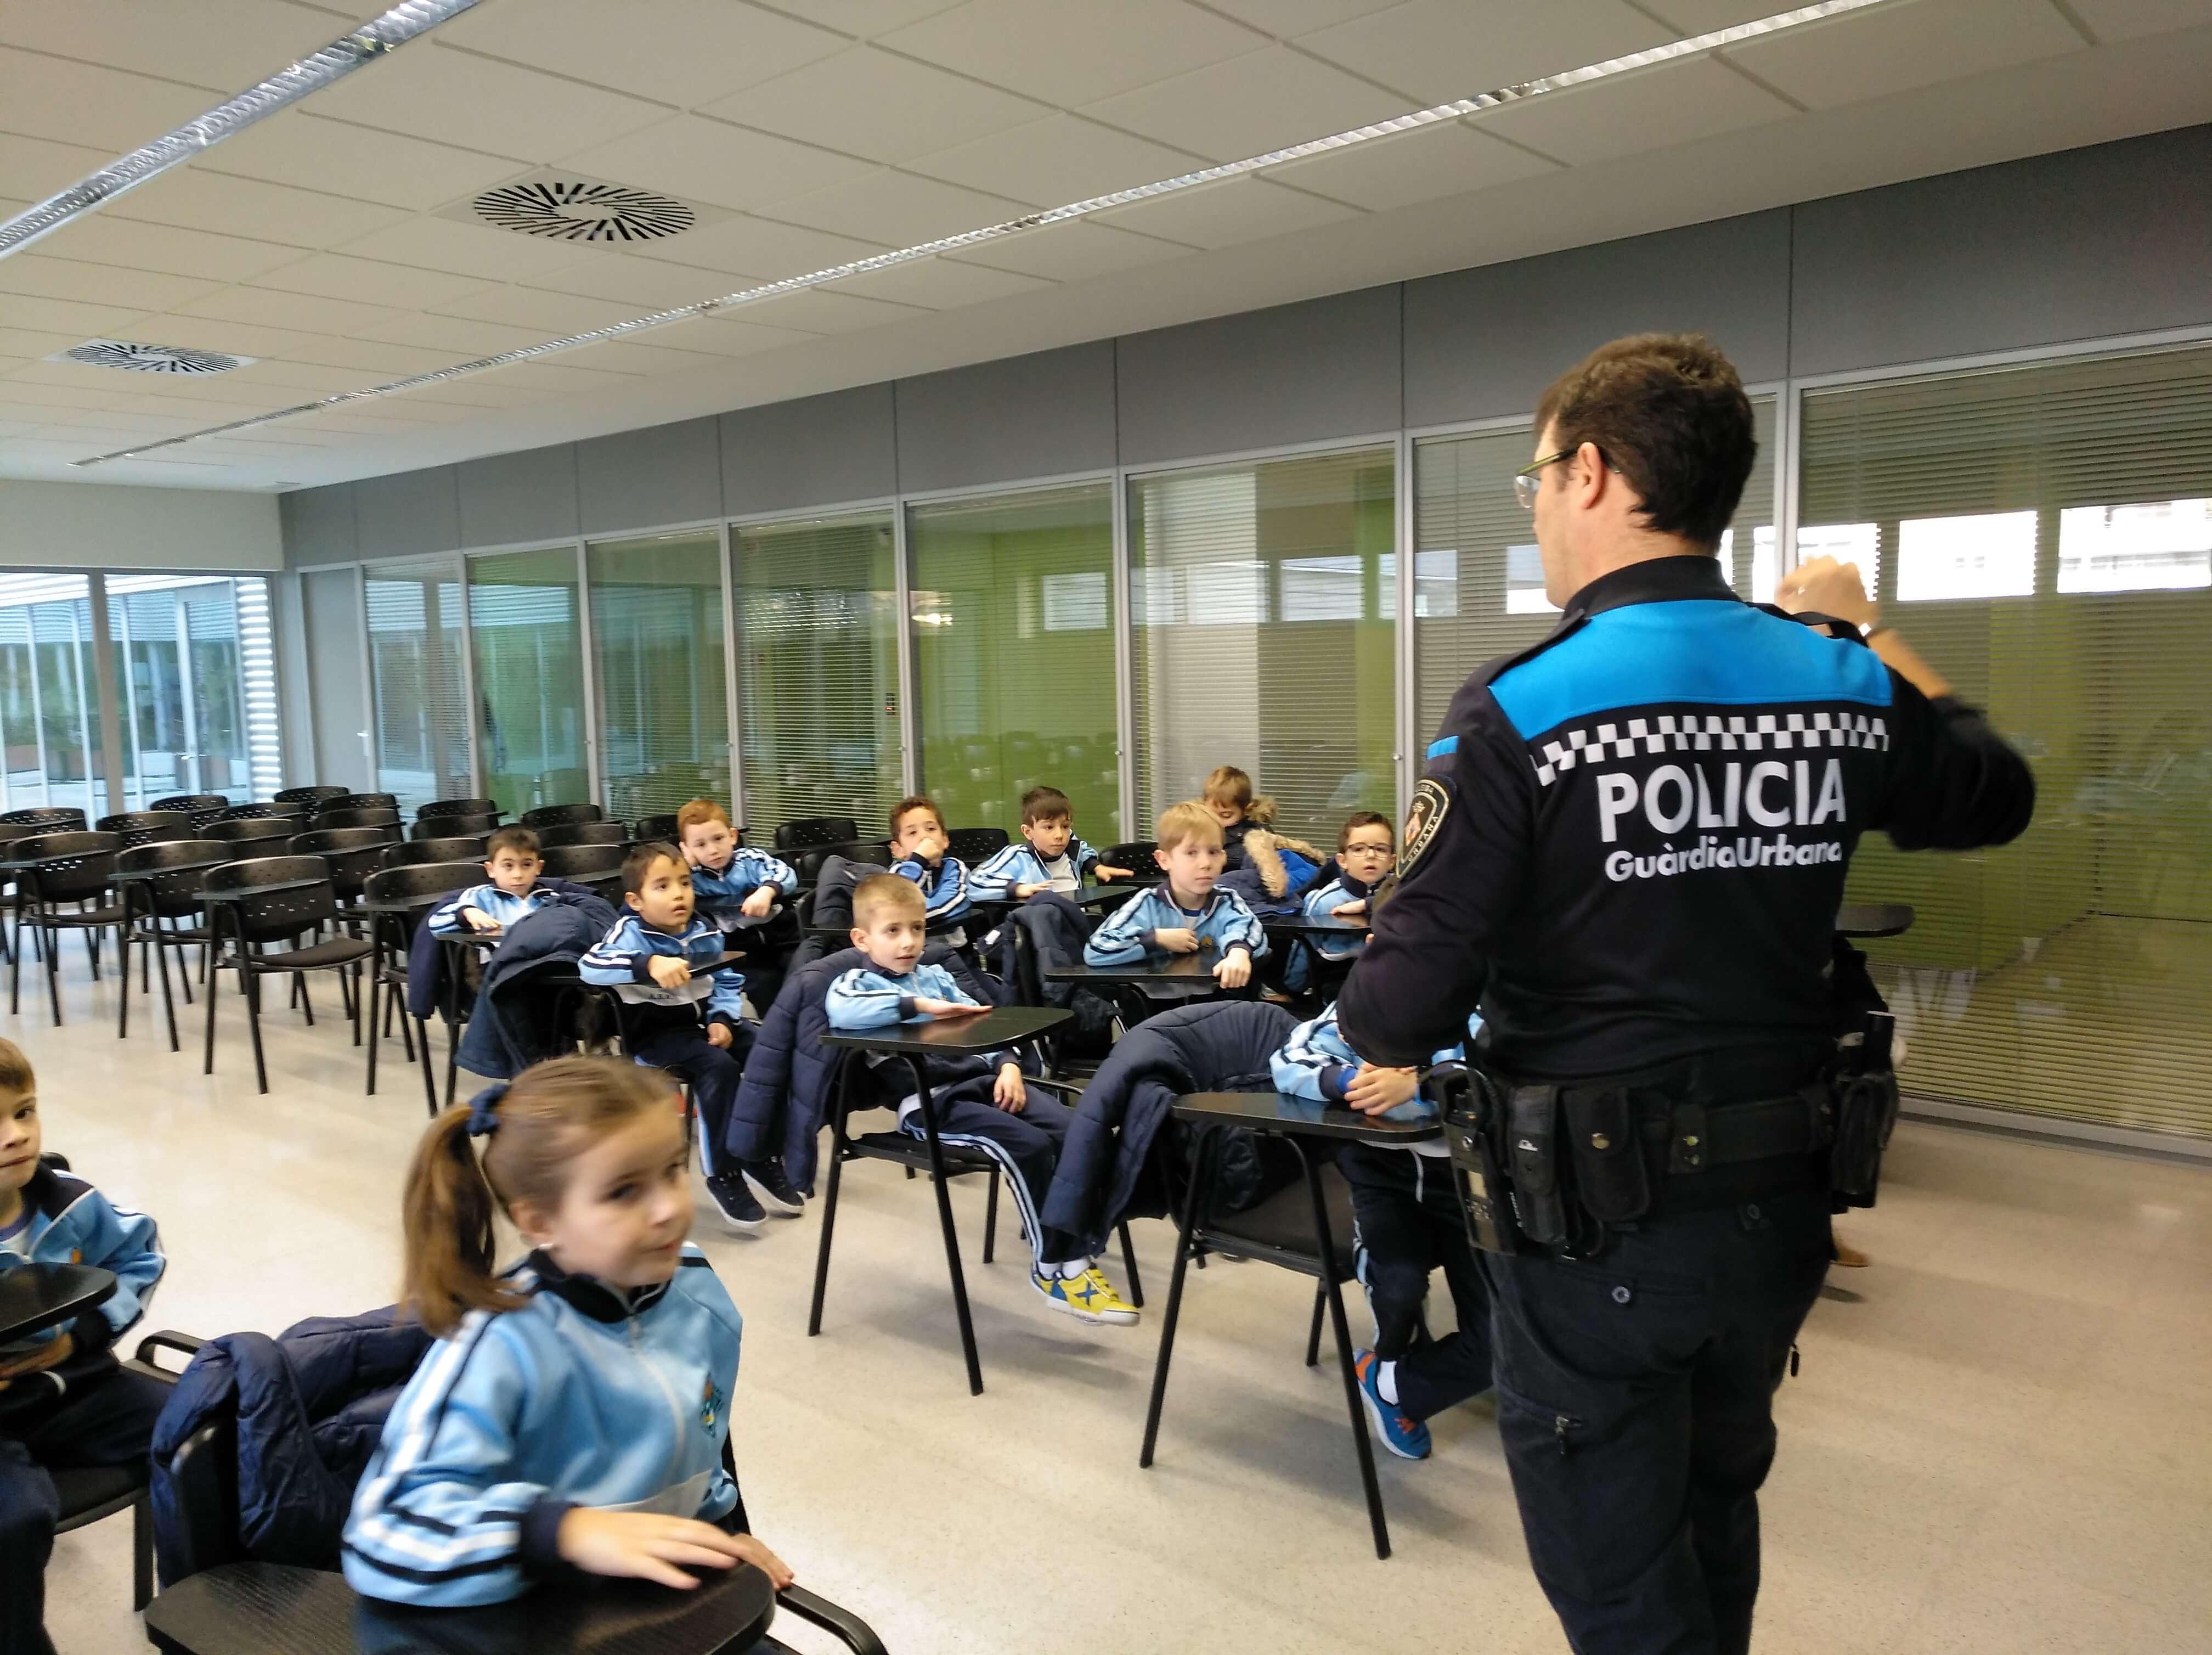 Visita a la Guàrdia Urbana - 1erEP - 25